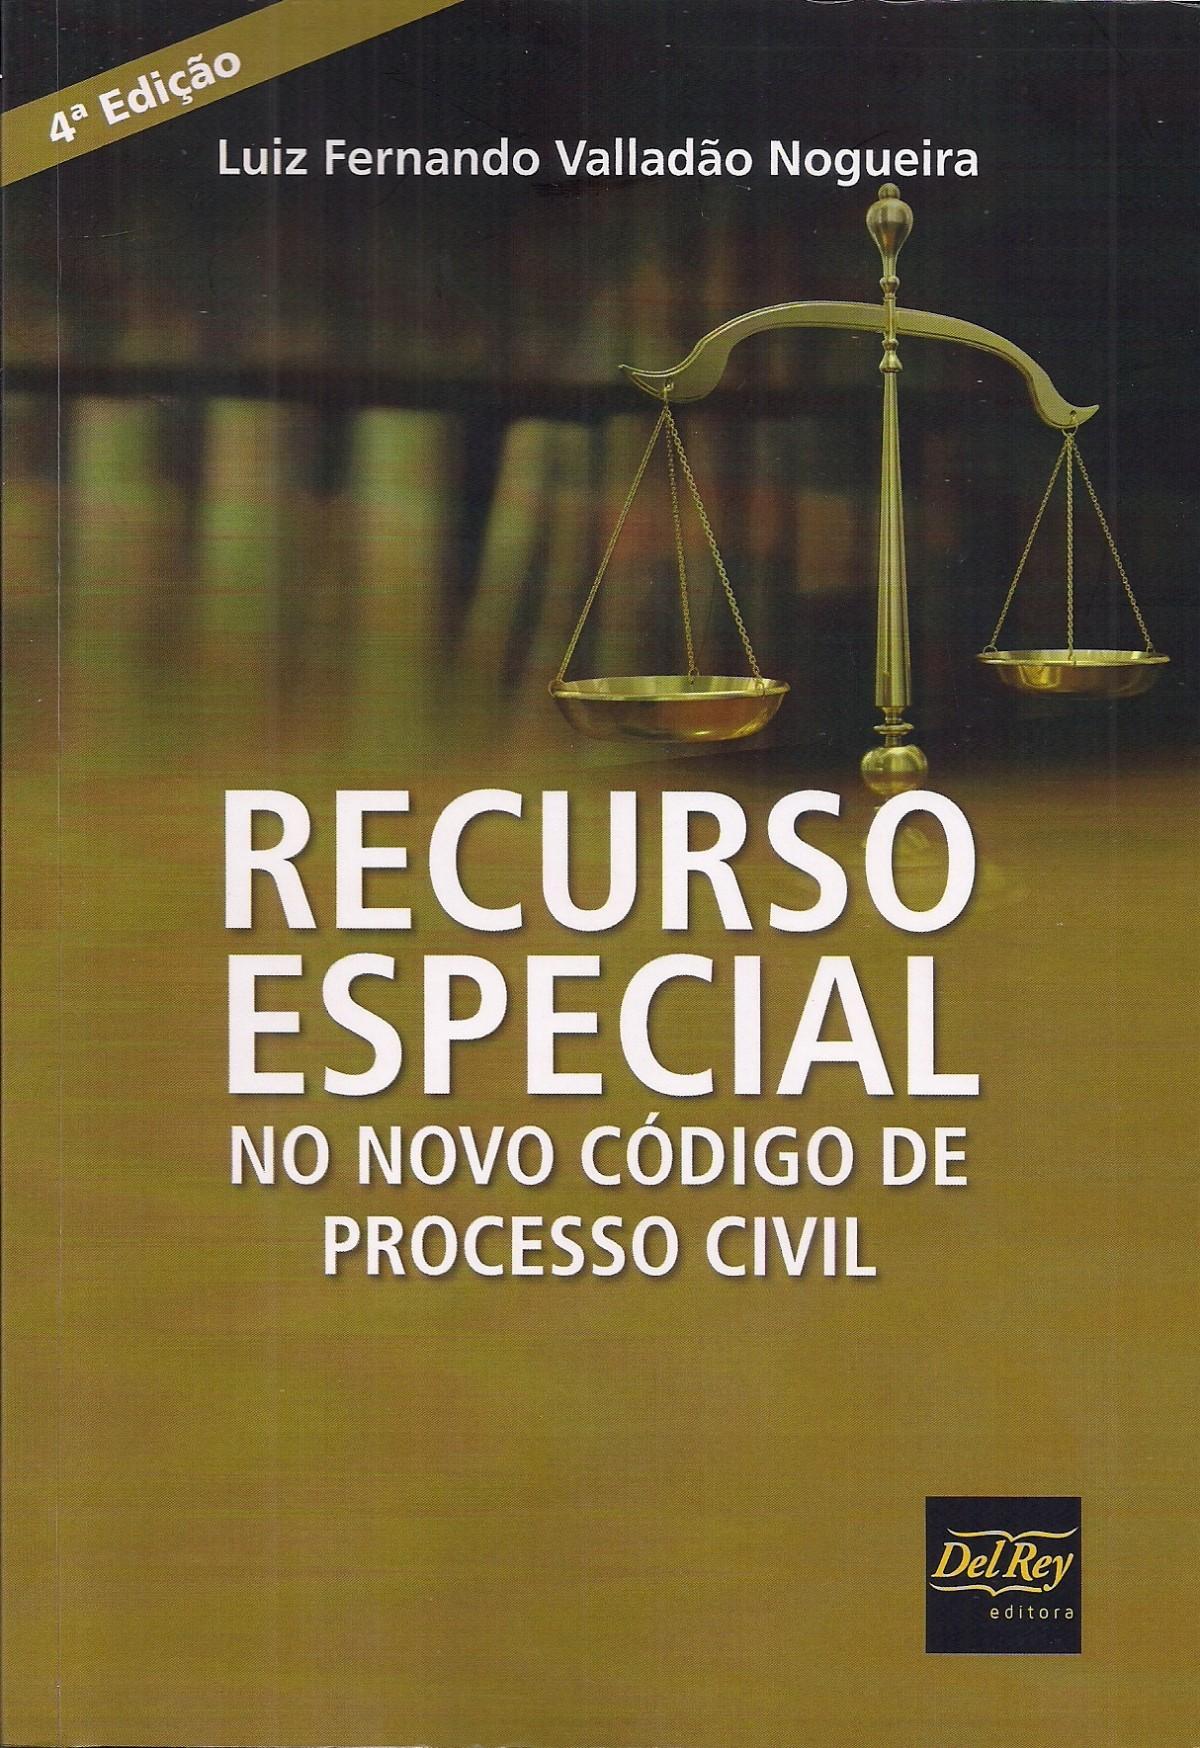 Foto 1 - Recurso Especial no Novo Código de Processo Civil